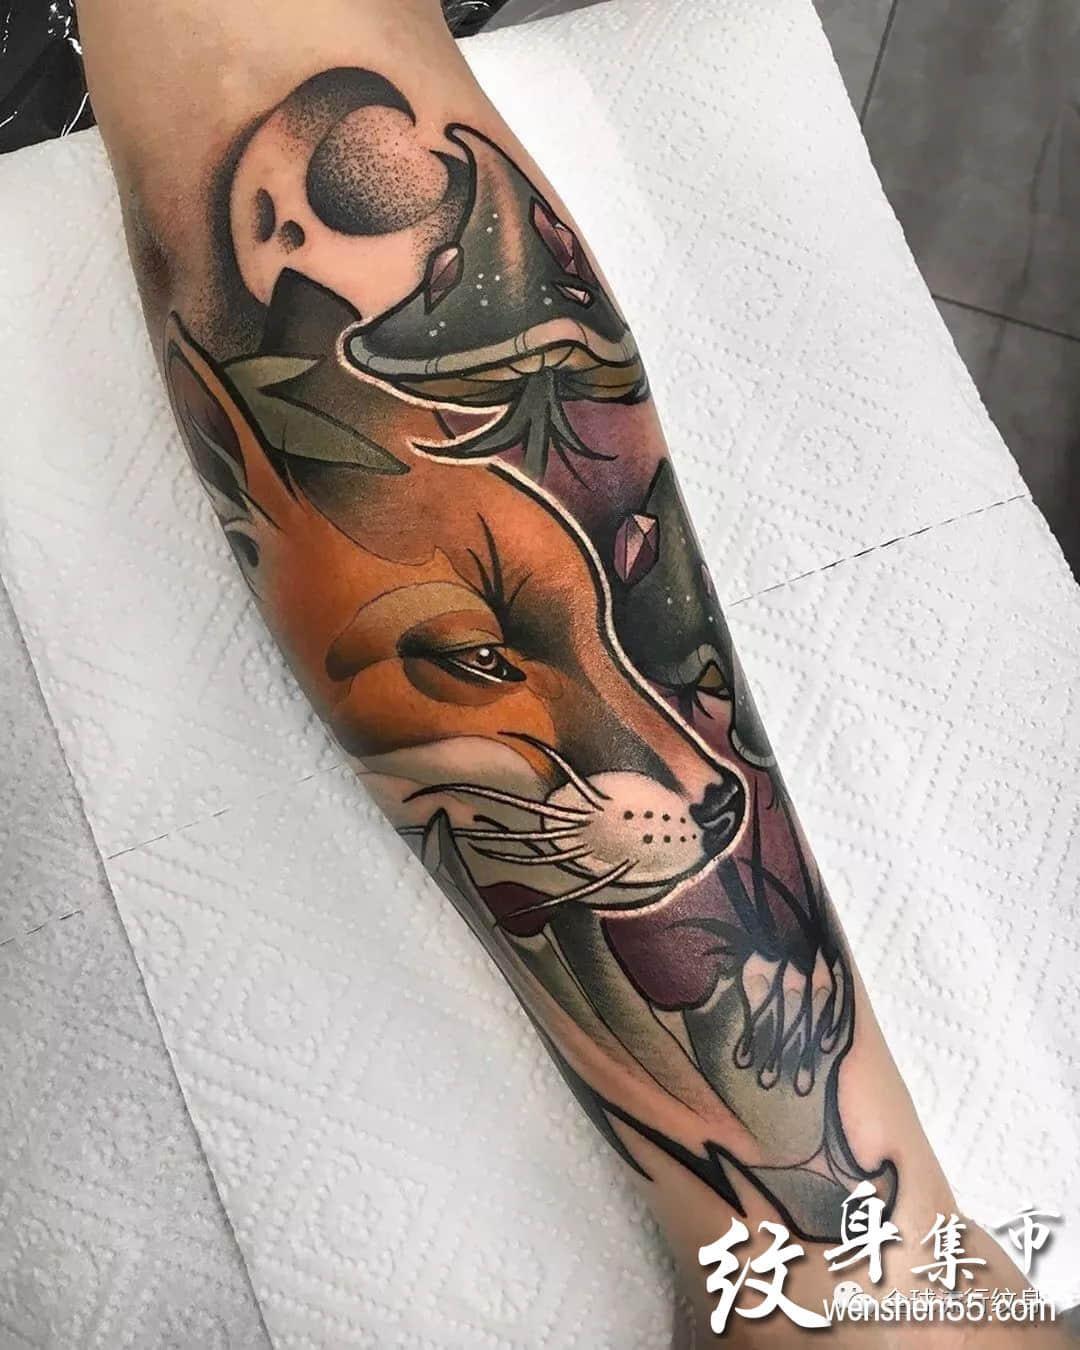 狐狸纹身,狐狸纹身图案